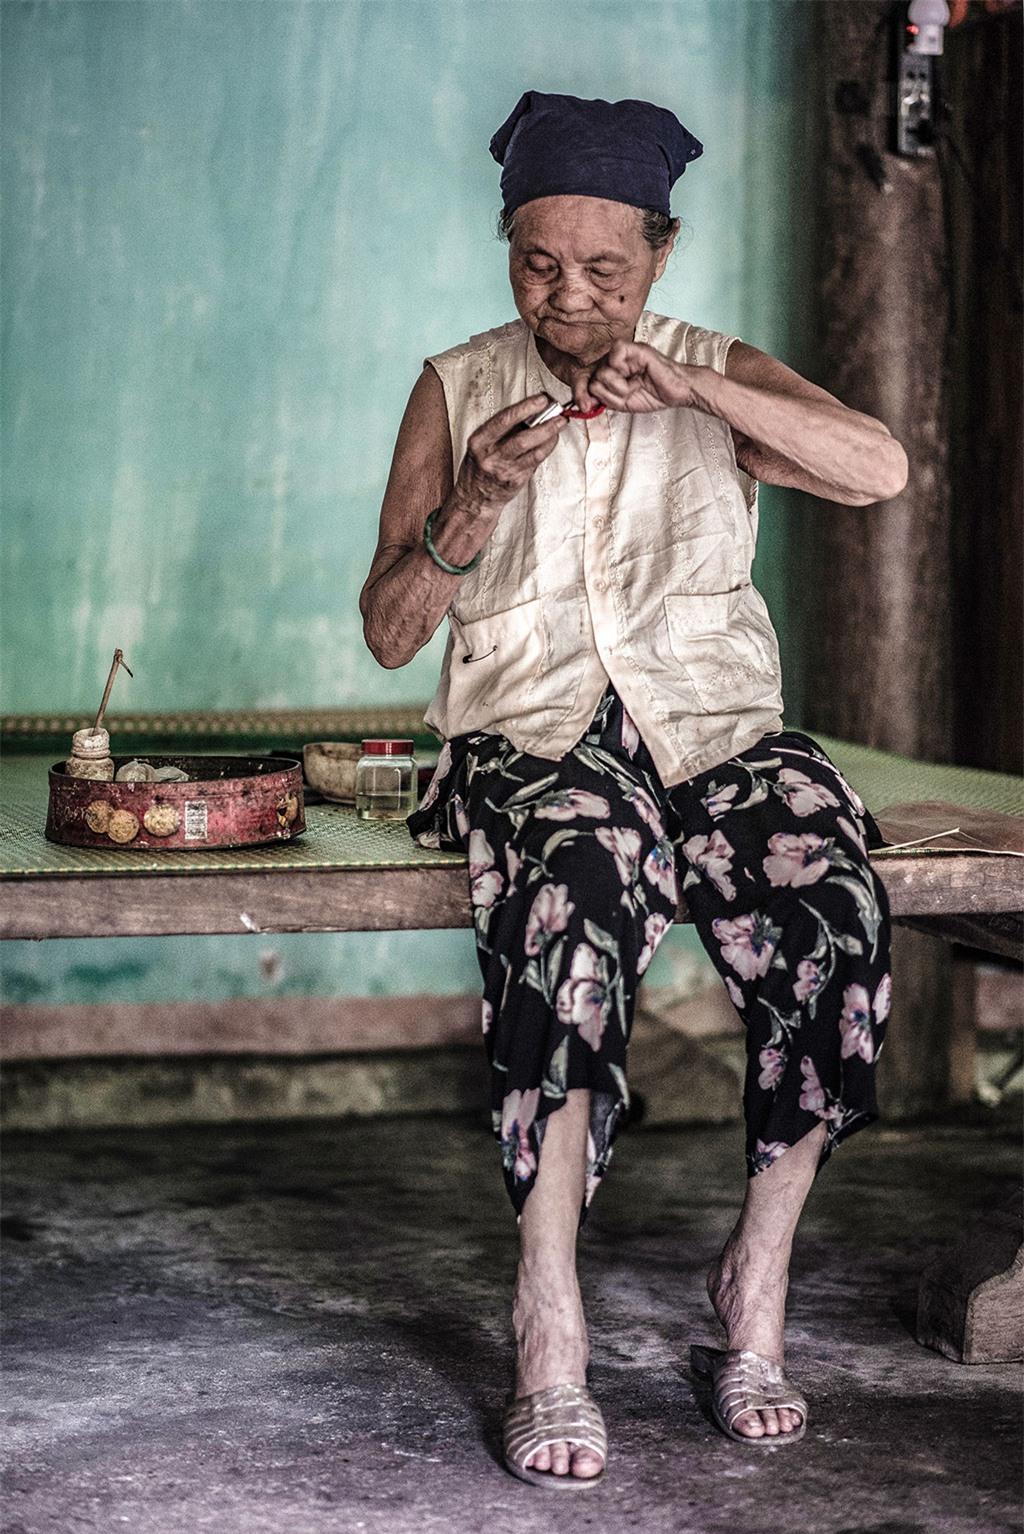 Người dân sống trong những ngôi nhà cổ vẫn giữ nếp sinh hoạt truyền thống từ nhiều đời nay